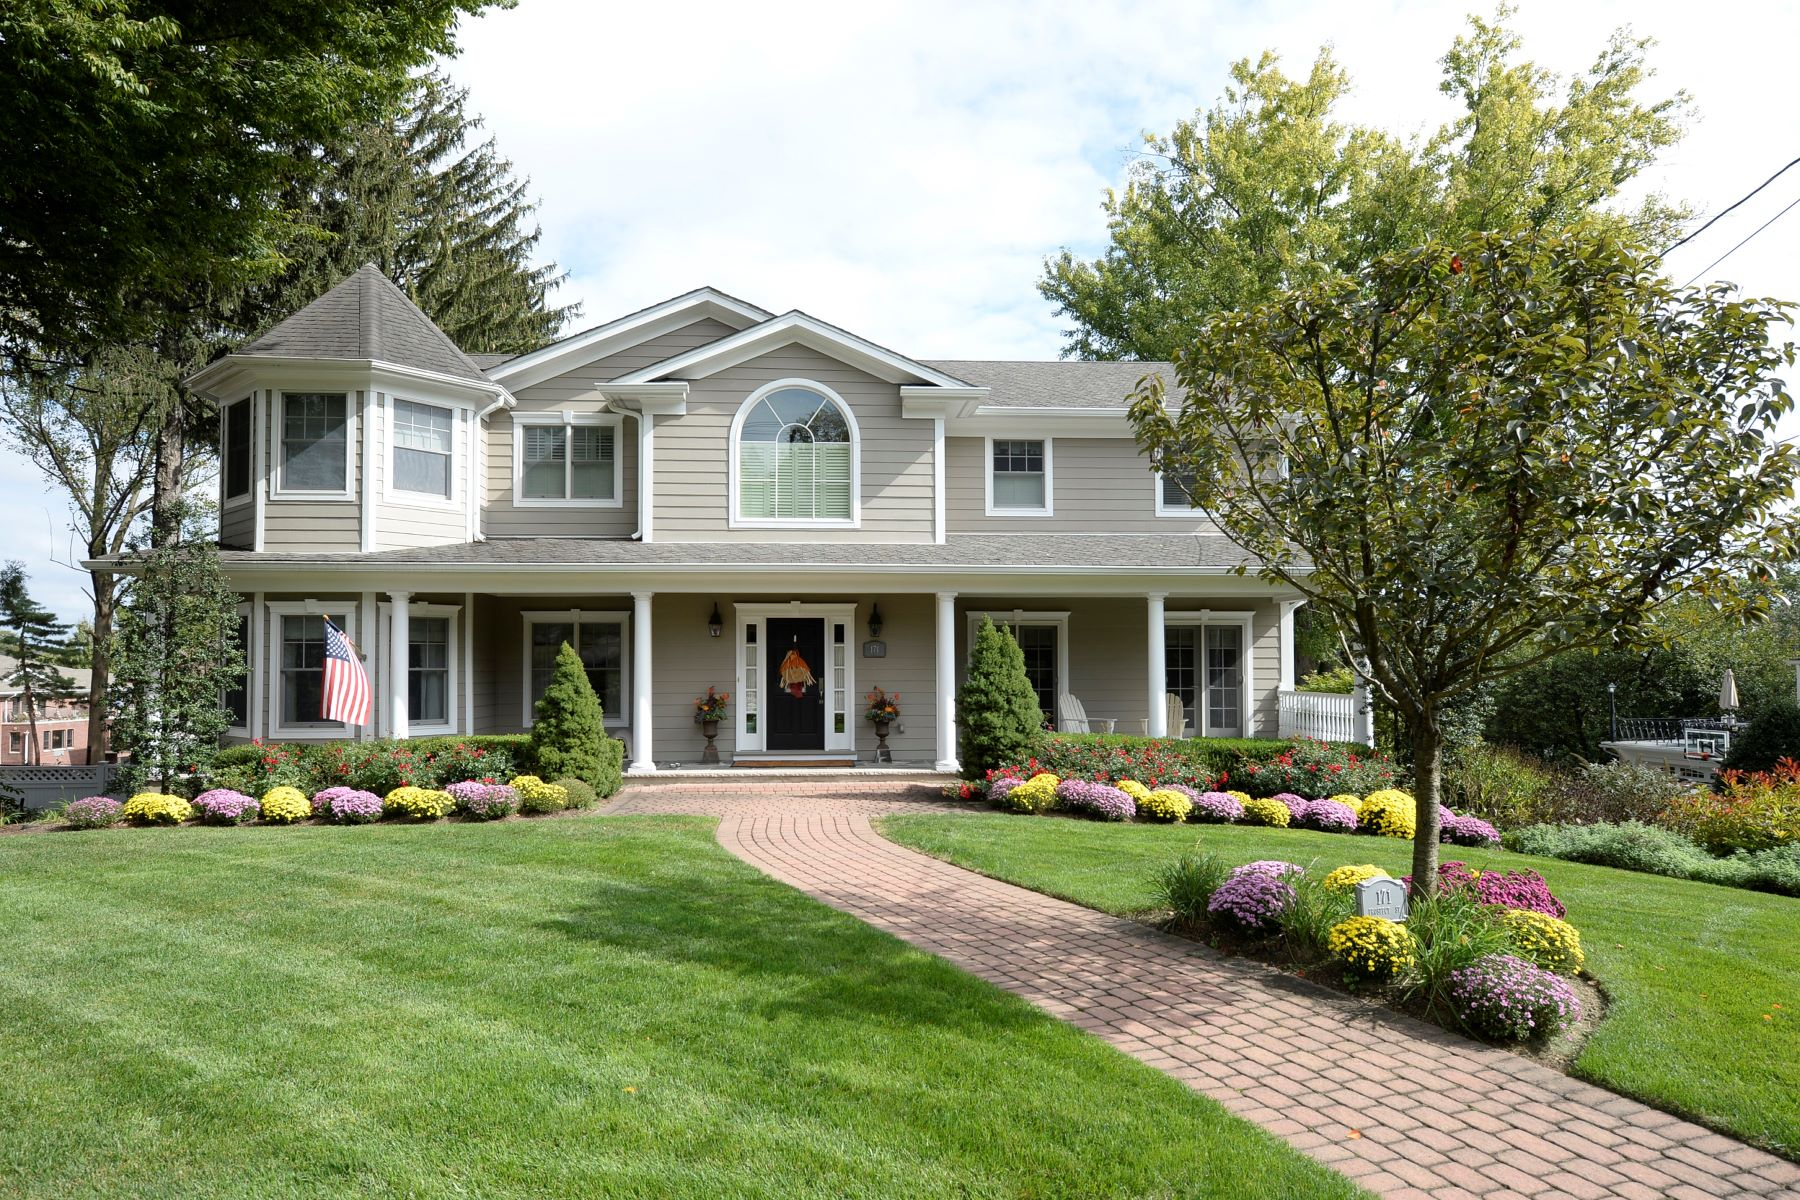 一戸建て のために 売買 アット Sophisticated CenterHall Colonial Over 5,000 Square Feet. 171 Prospect Street, Ridgewood, ニュージャージー 07450 アメリカ合衆国